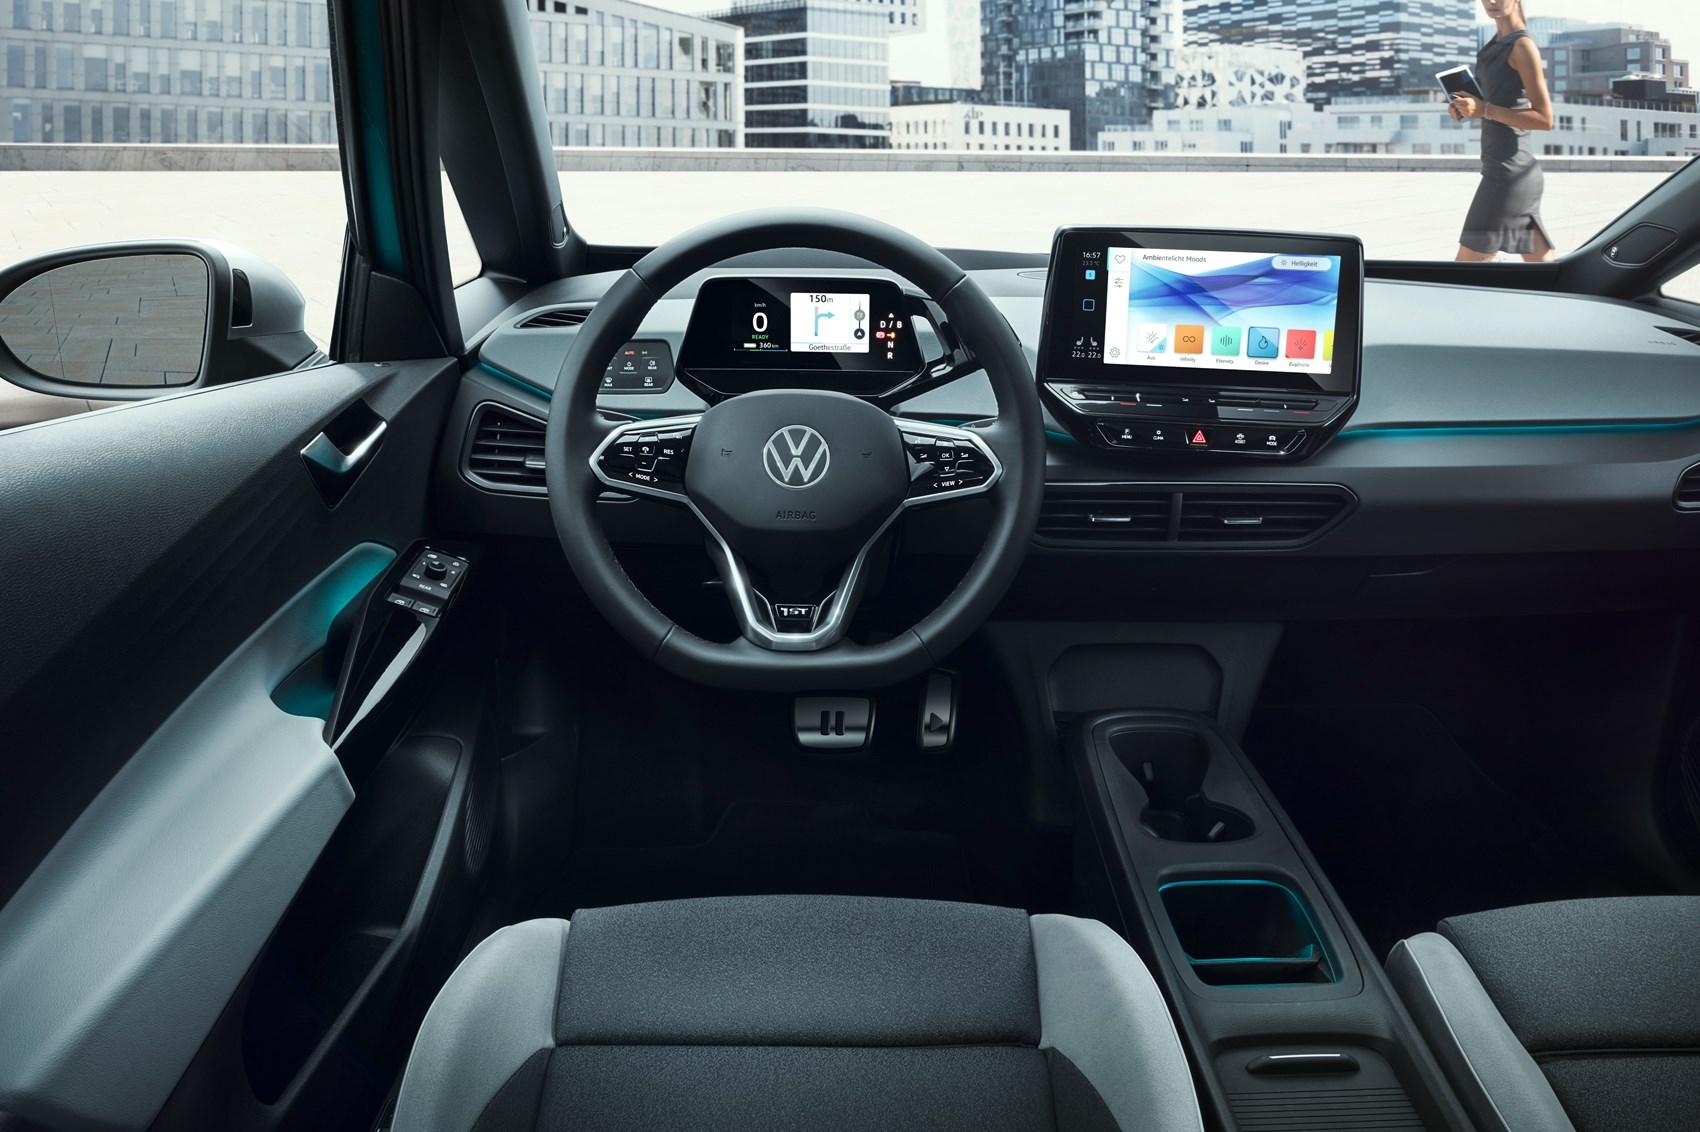 汽车新纪元,大众汽车的最大挑战来自于软件|技术